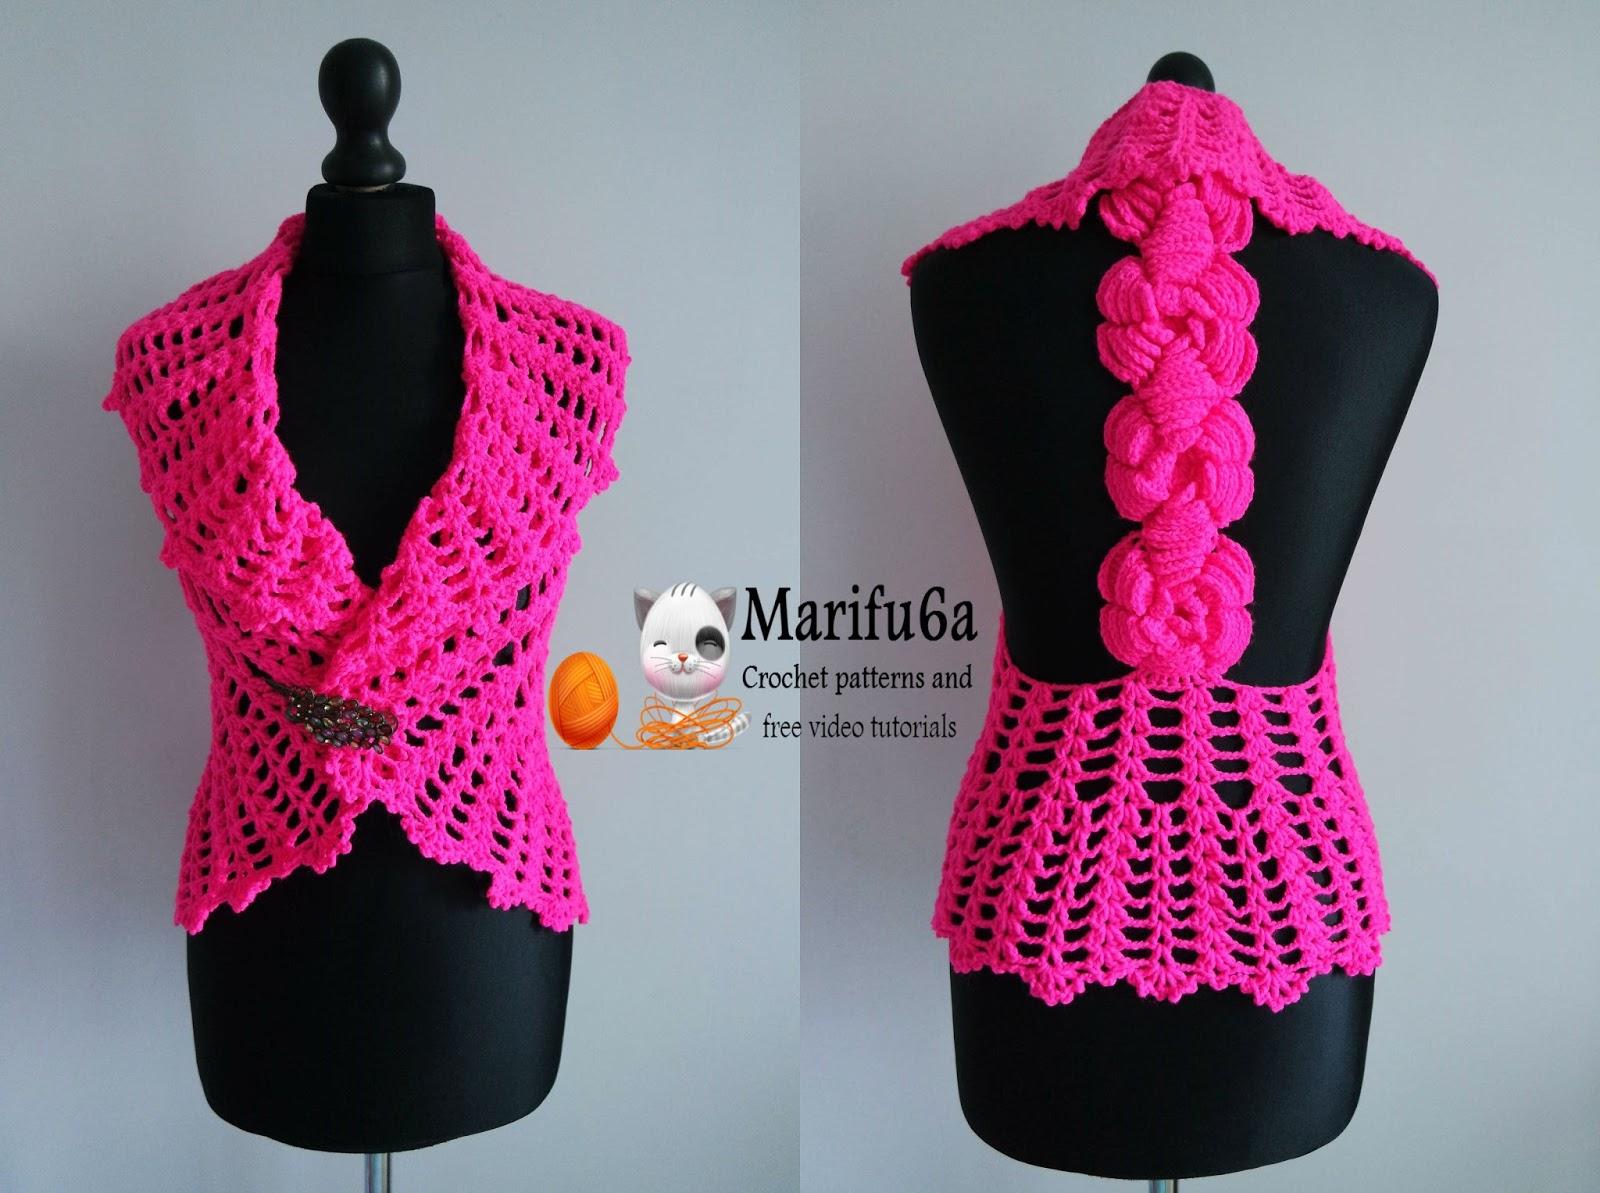 crochet bolero shrug tutorial